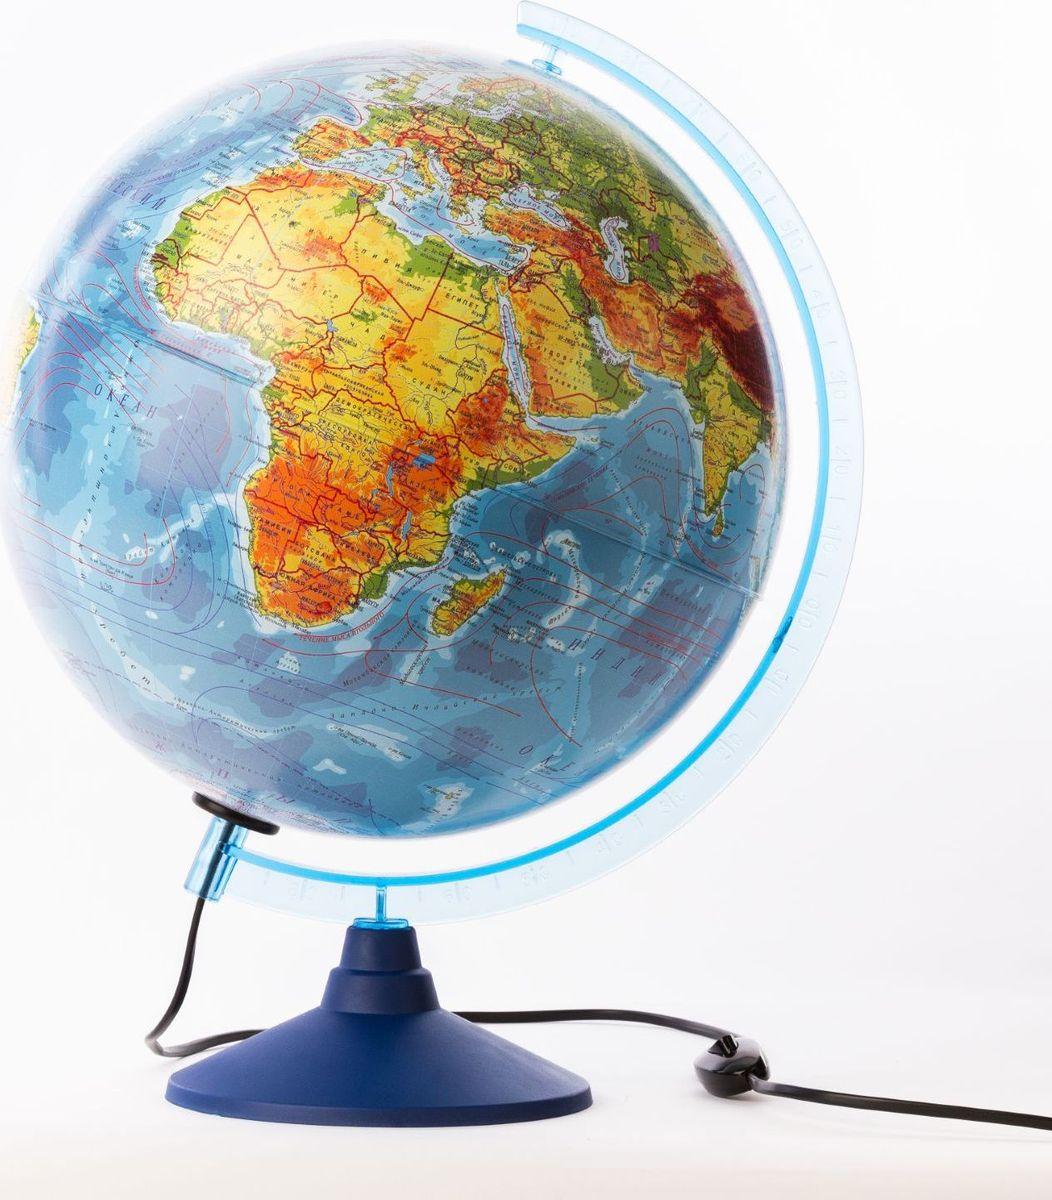 Глобен Глобус физико-политический Классик Евро с подсветкой диаметр 32 см